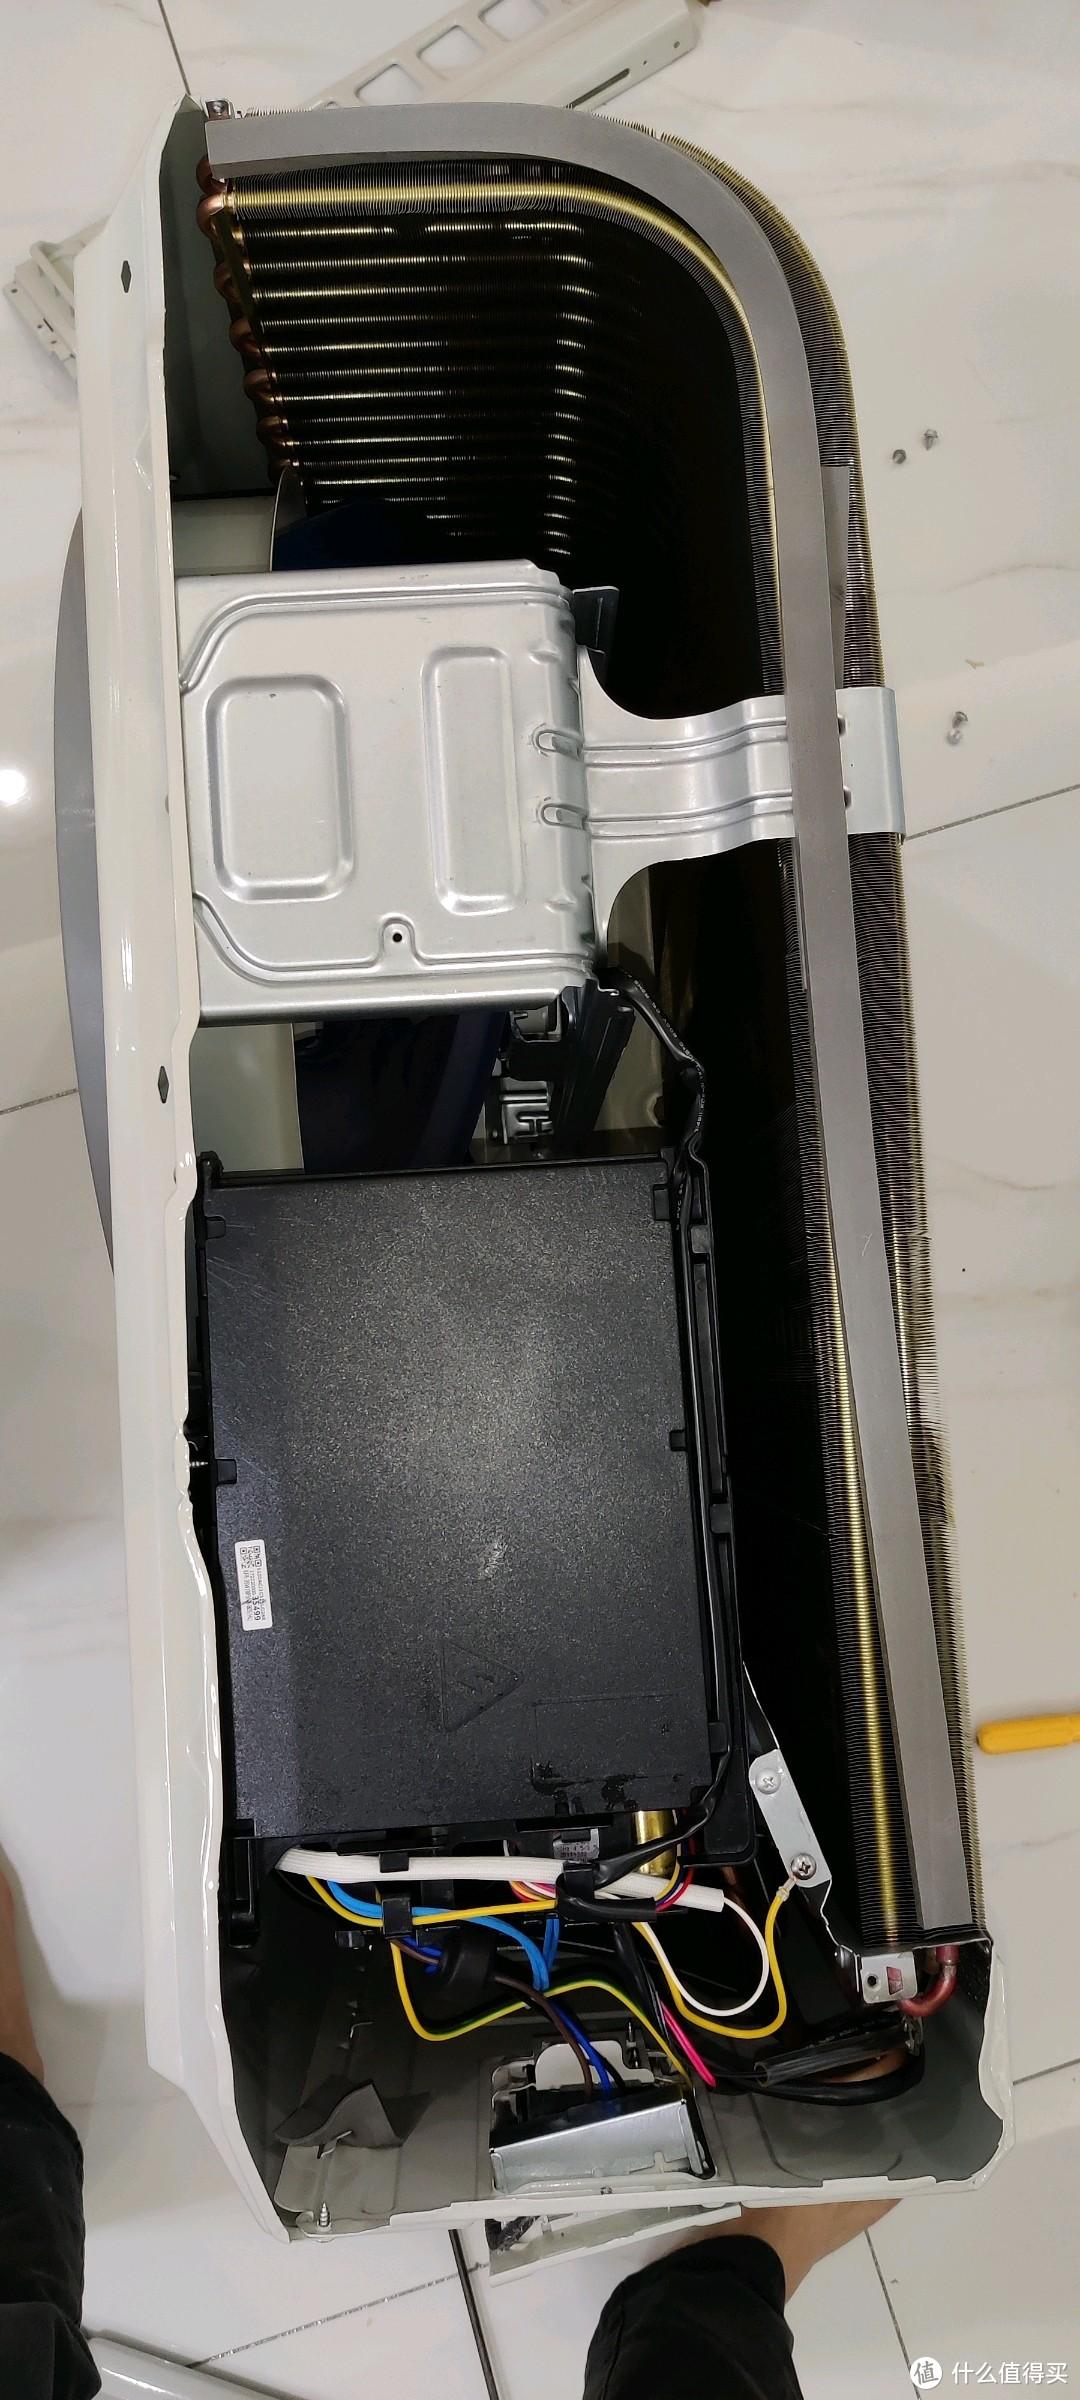 关于最近谣言满天飞的华凌KFR-35GW/N8HE1缩水开箱